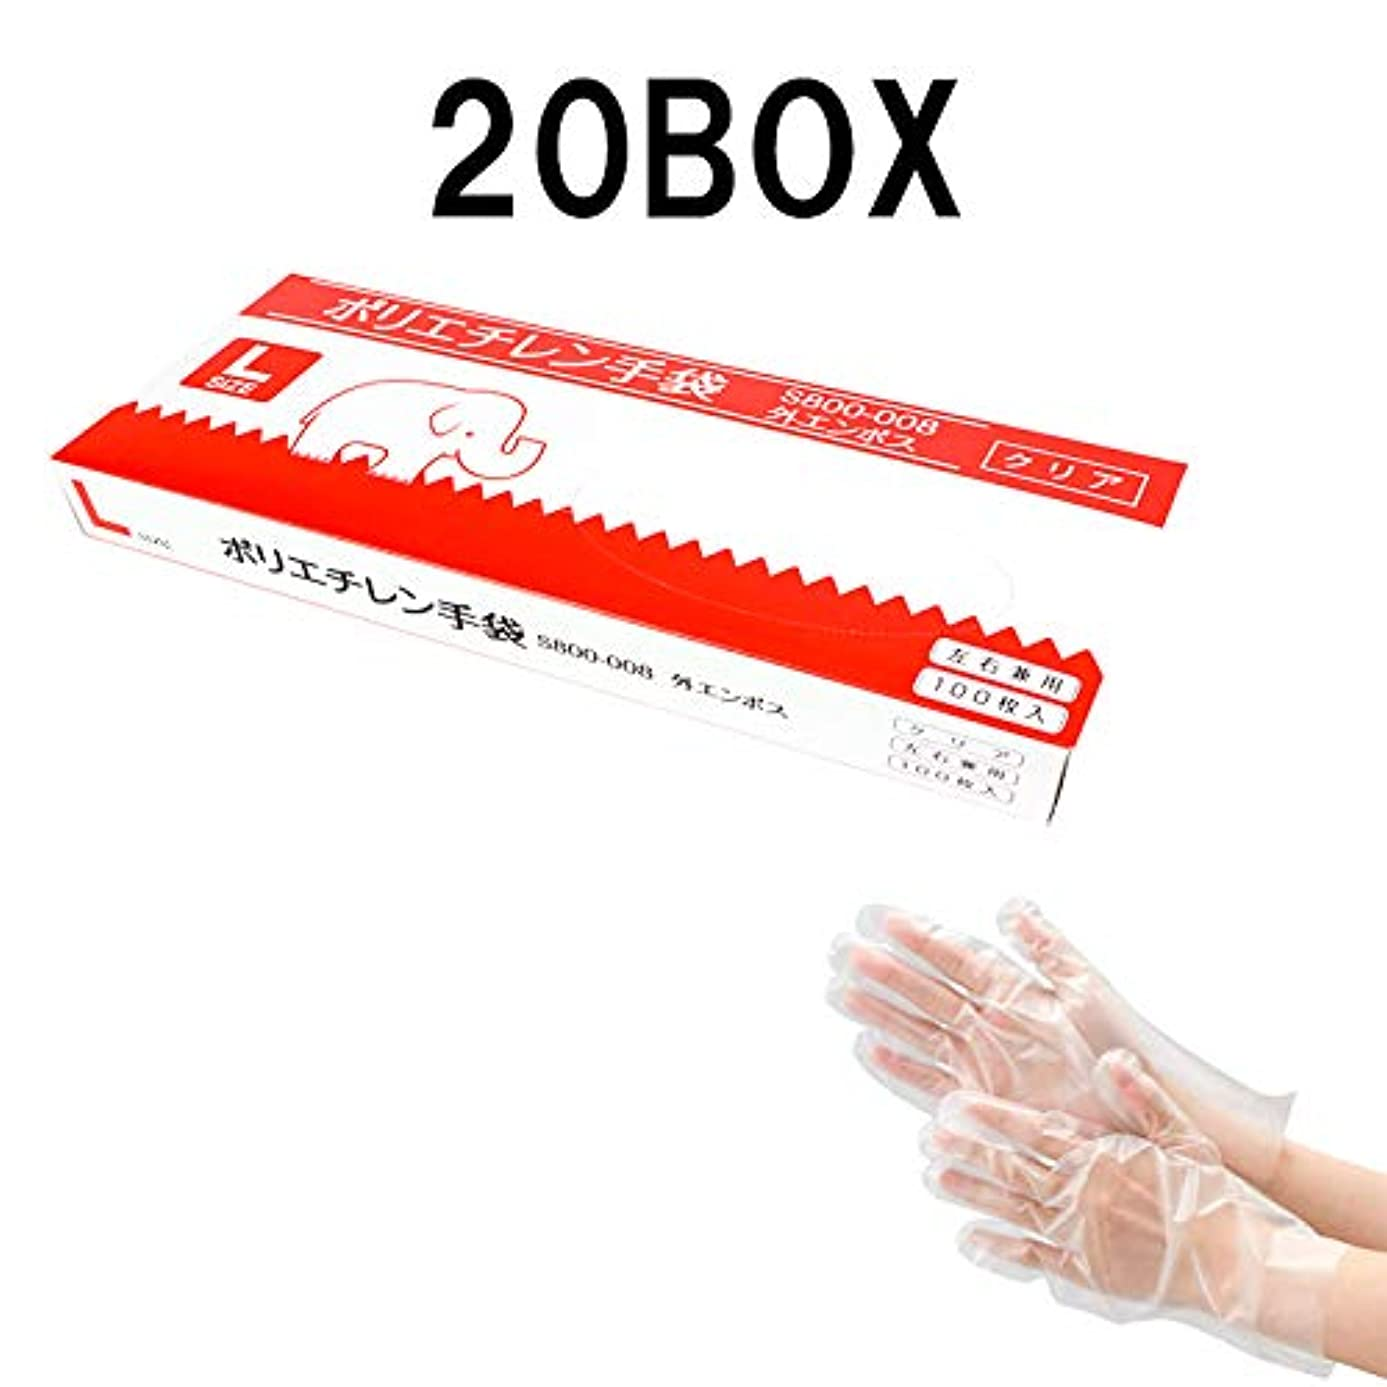 調停者発疹ぼかし(2000枚) 使い捨て ポリエチレン手袋 Lサイズ 100枚入り×20BOX クリア色 左右兼用 外エンボス 食品衛生法適合品